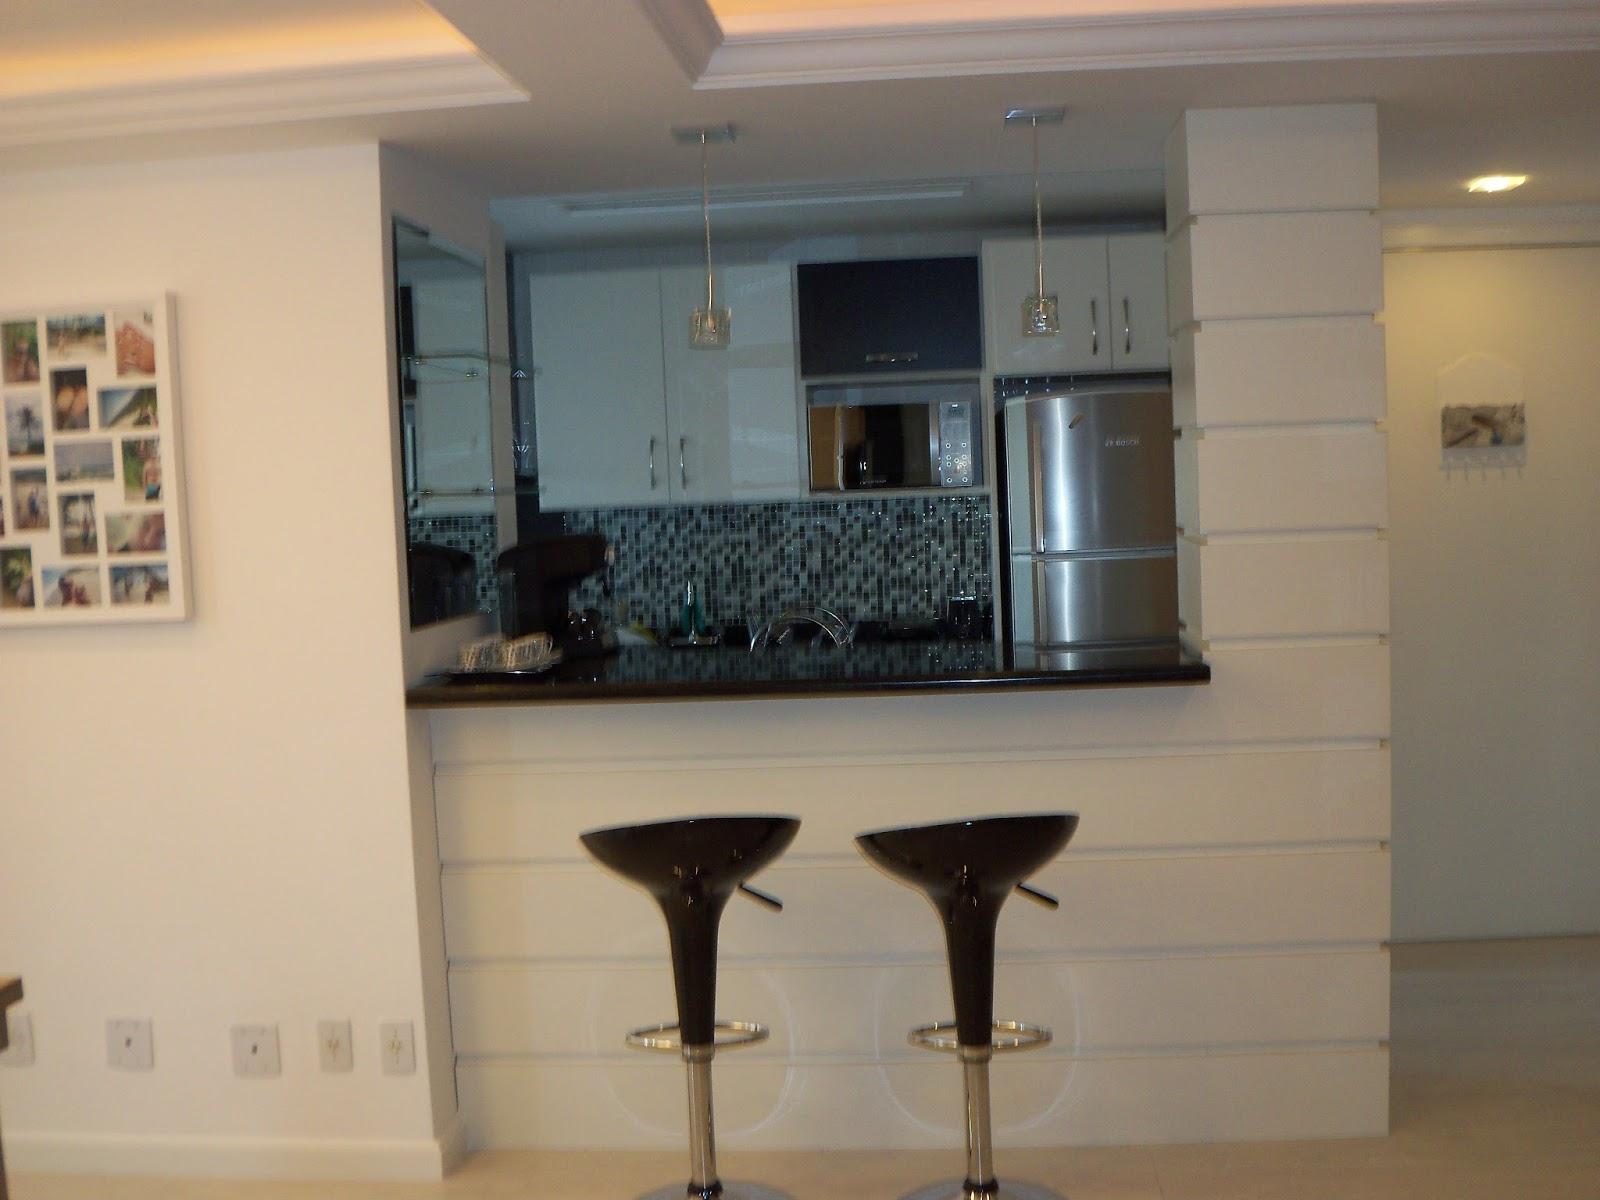 Apartamentos pequenos: 320 projetos de profissionais de CasaPRO #896A42 1600 1200